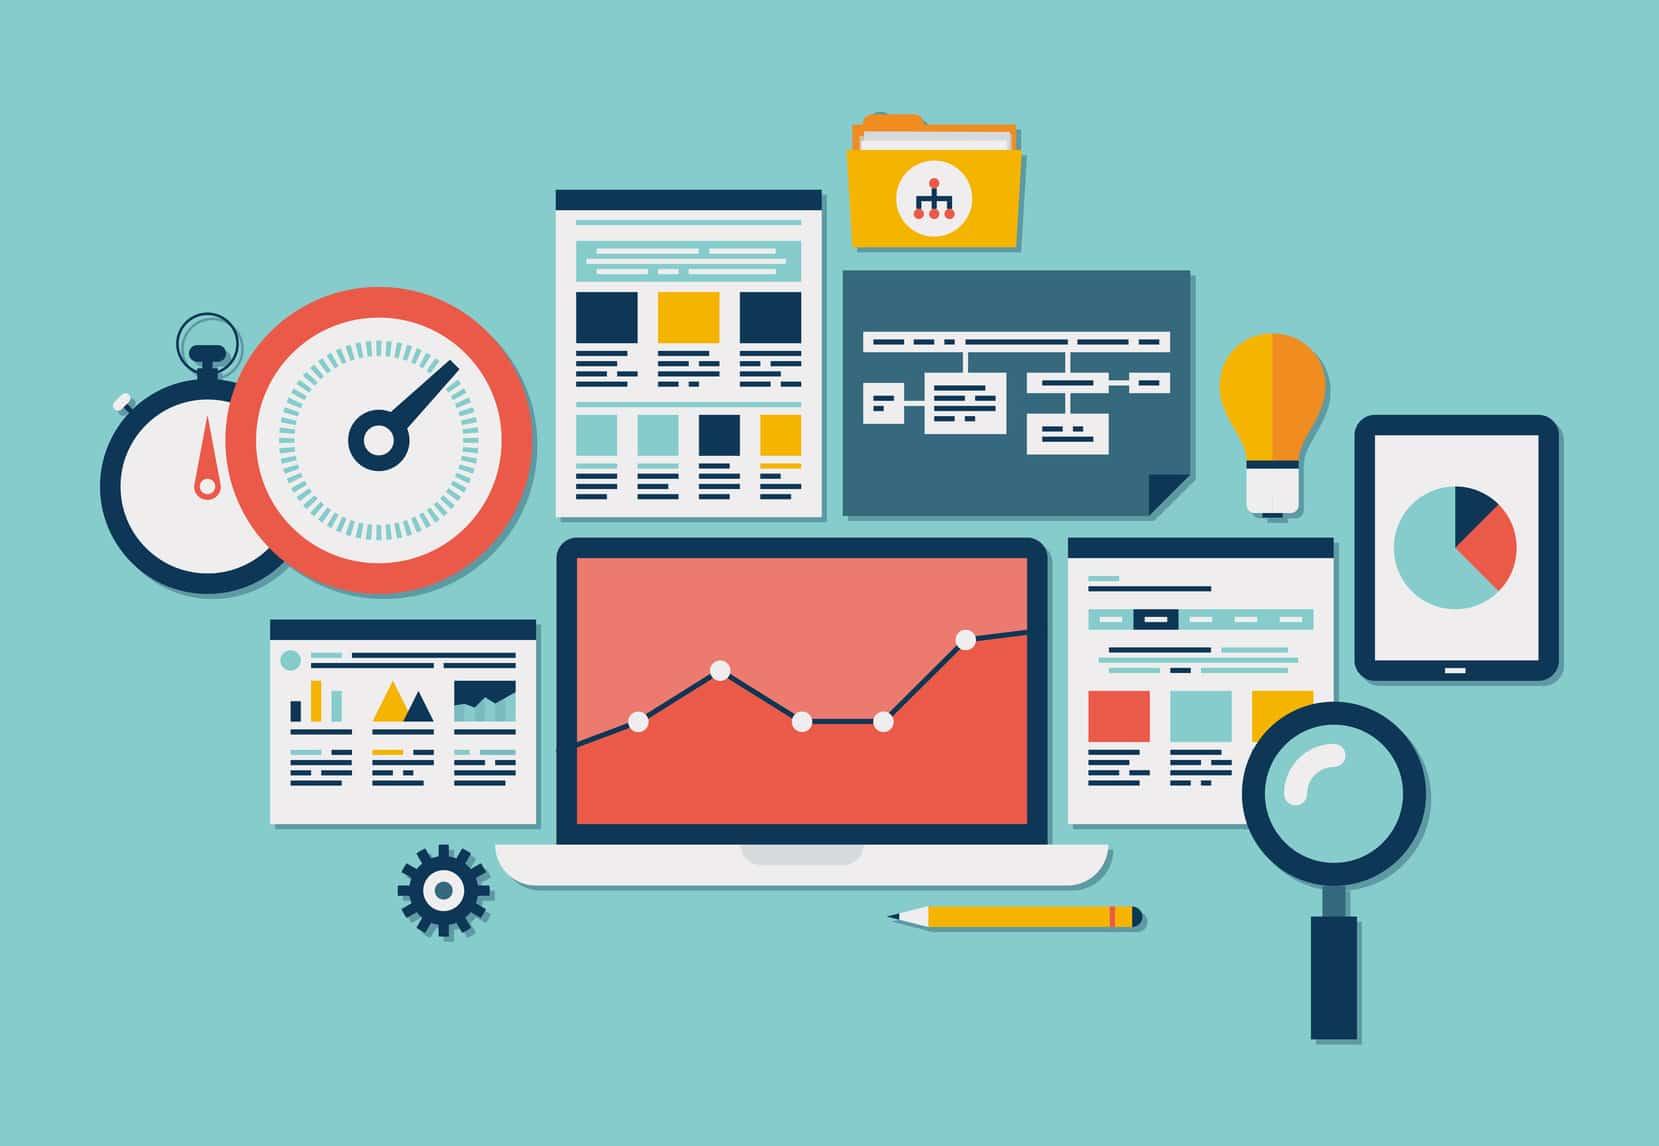 Как улучшить юзабилити сайта и увеличить конверсию: 8 полезных советов — компания «Brainlab». Фото 6